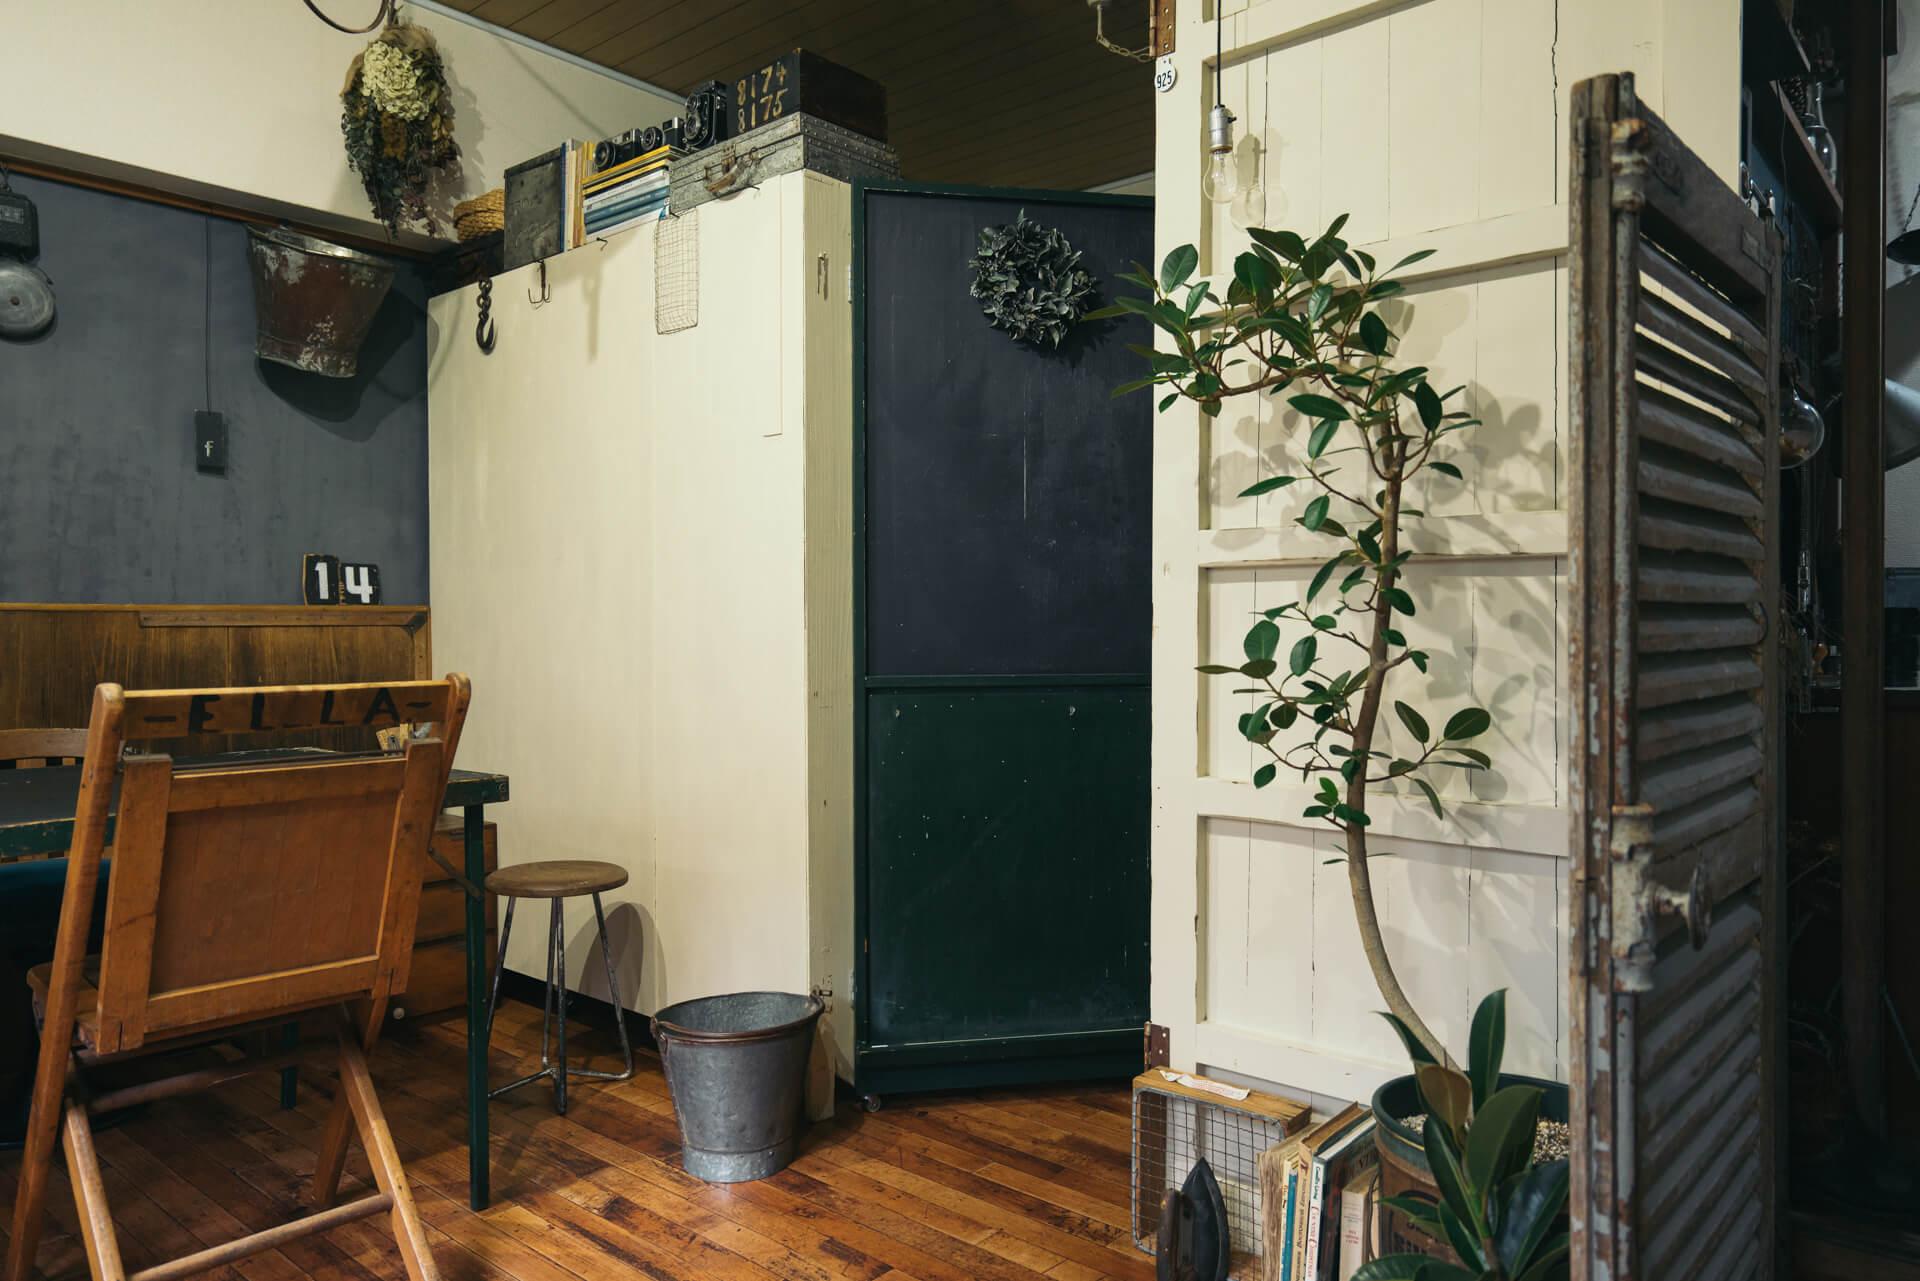 キッチンなどの生活スペースとを仕切る扉も自分で設置。まず棚を置いて、その側面に蝶番でチョークボードを取り付けました。仕切りや扉がなければ自分で作ってしまうという発想が素晴らしい。取っ手とローラー足もついていて使い勝手もよいです。